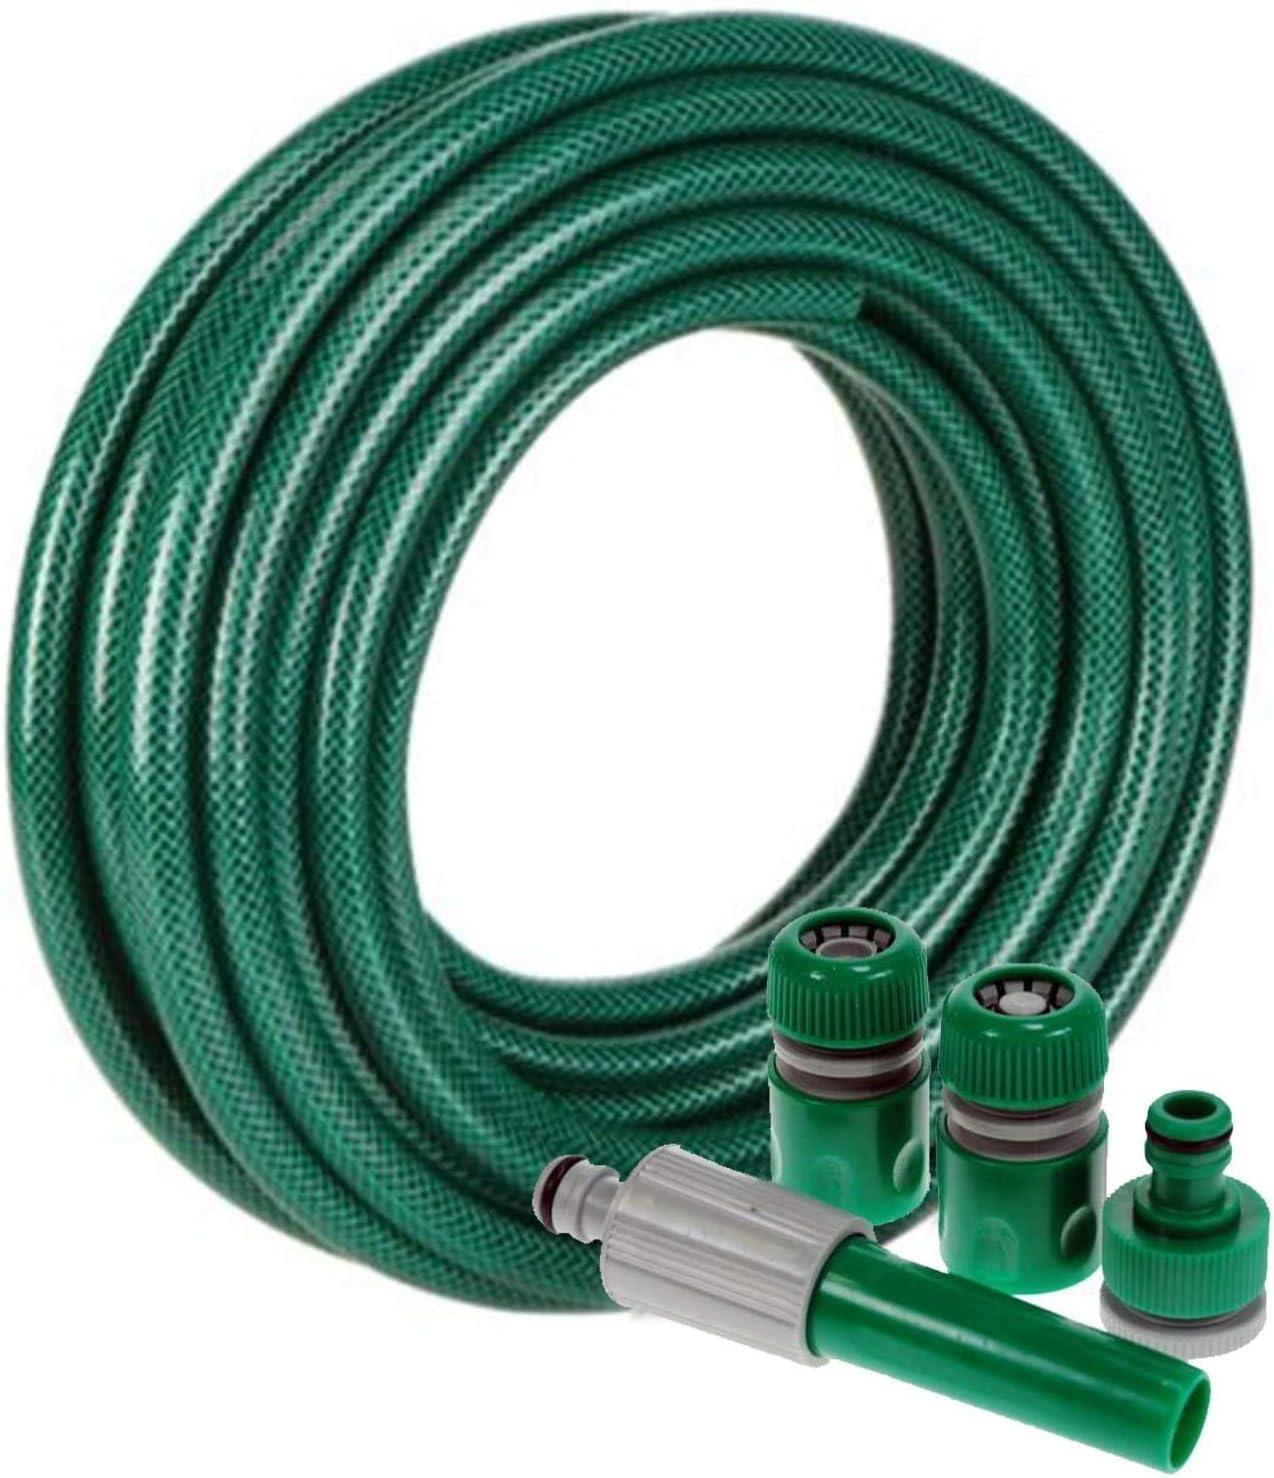 15 m manguera tubo ampliable boquilla de pulverizaci/ón conjunto jard/ín plantas riego veh/ículo lavado tubo pulverizador